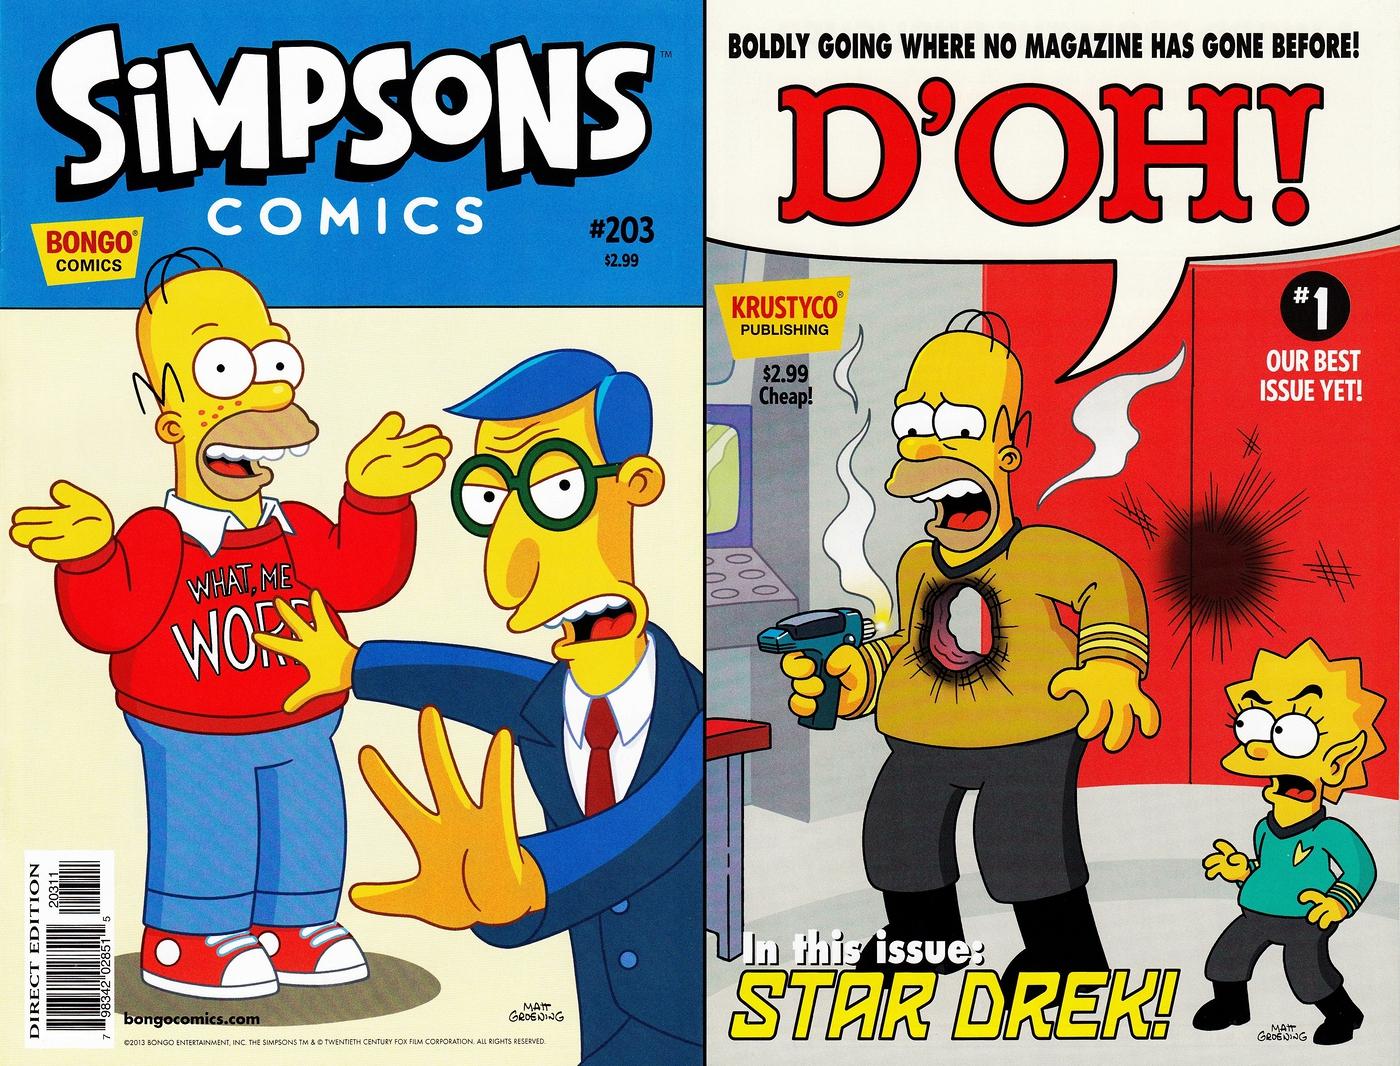 Simpsons Comics #203